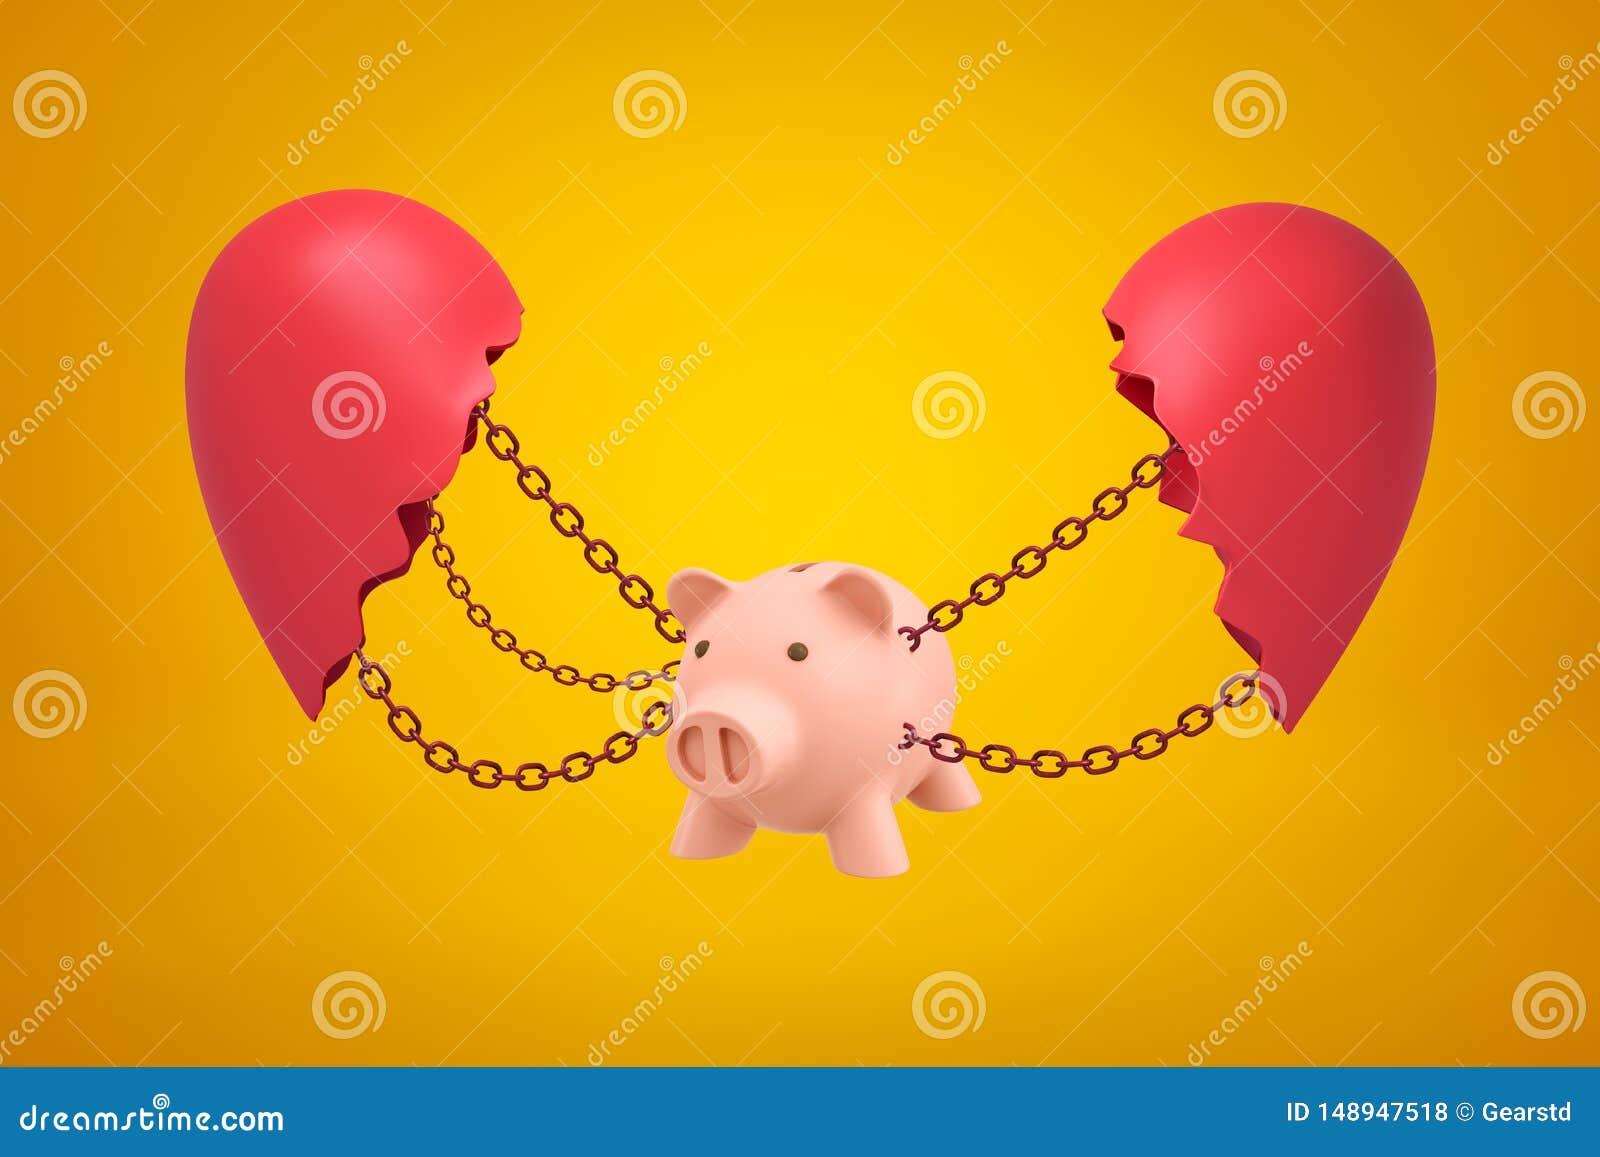 Het 3d teruggeven van roze opgeschort spaarvarken op kettingen tussen twee delen van gebroken hart op gele achtergrond